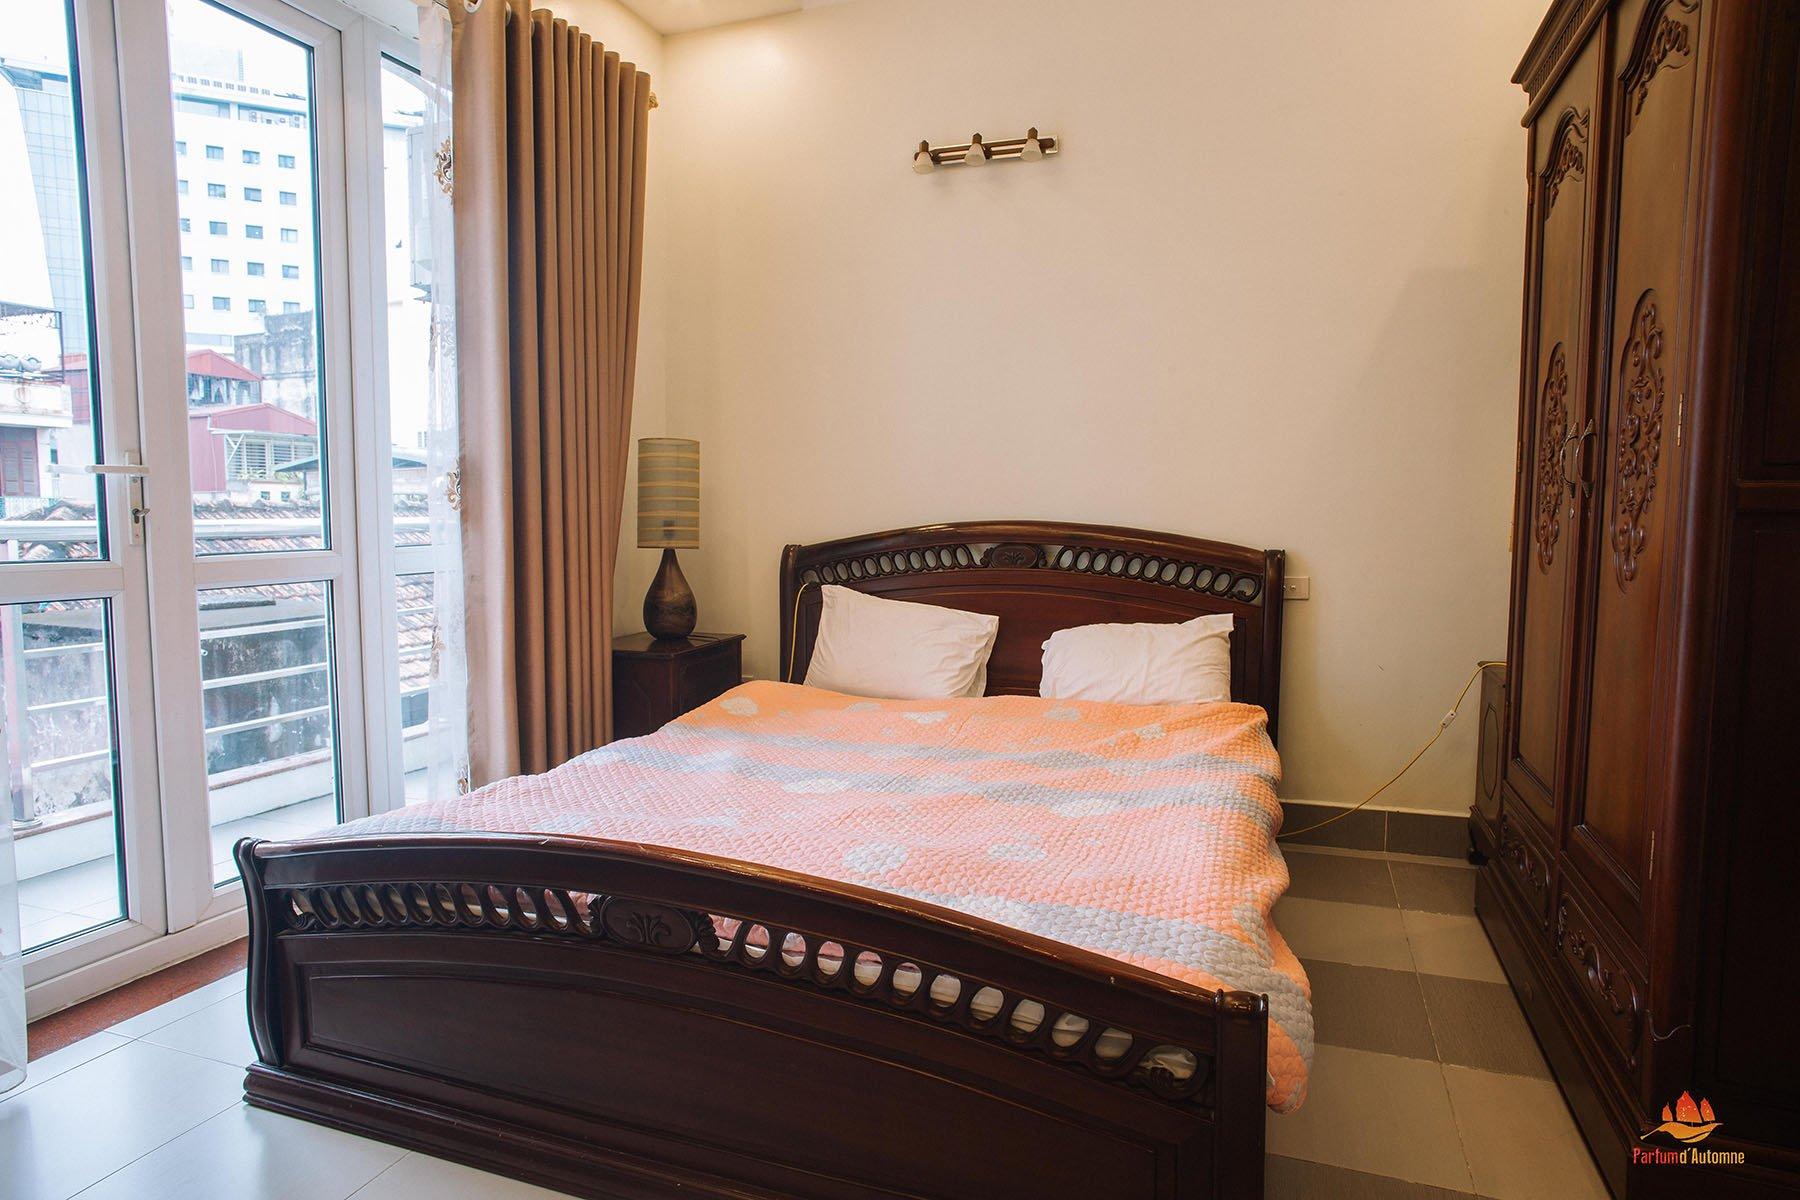 Chambre Familiale Chez Huong, Maison d'Hôtes Parfum d'Automne, Hanoi, Vietnam